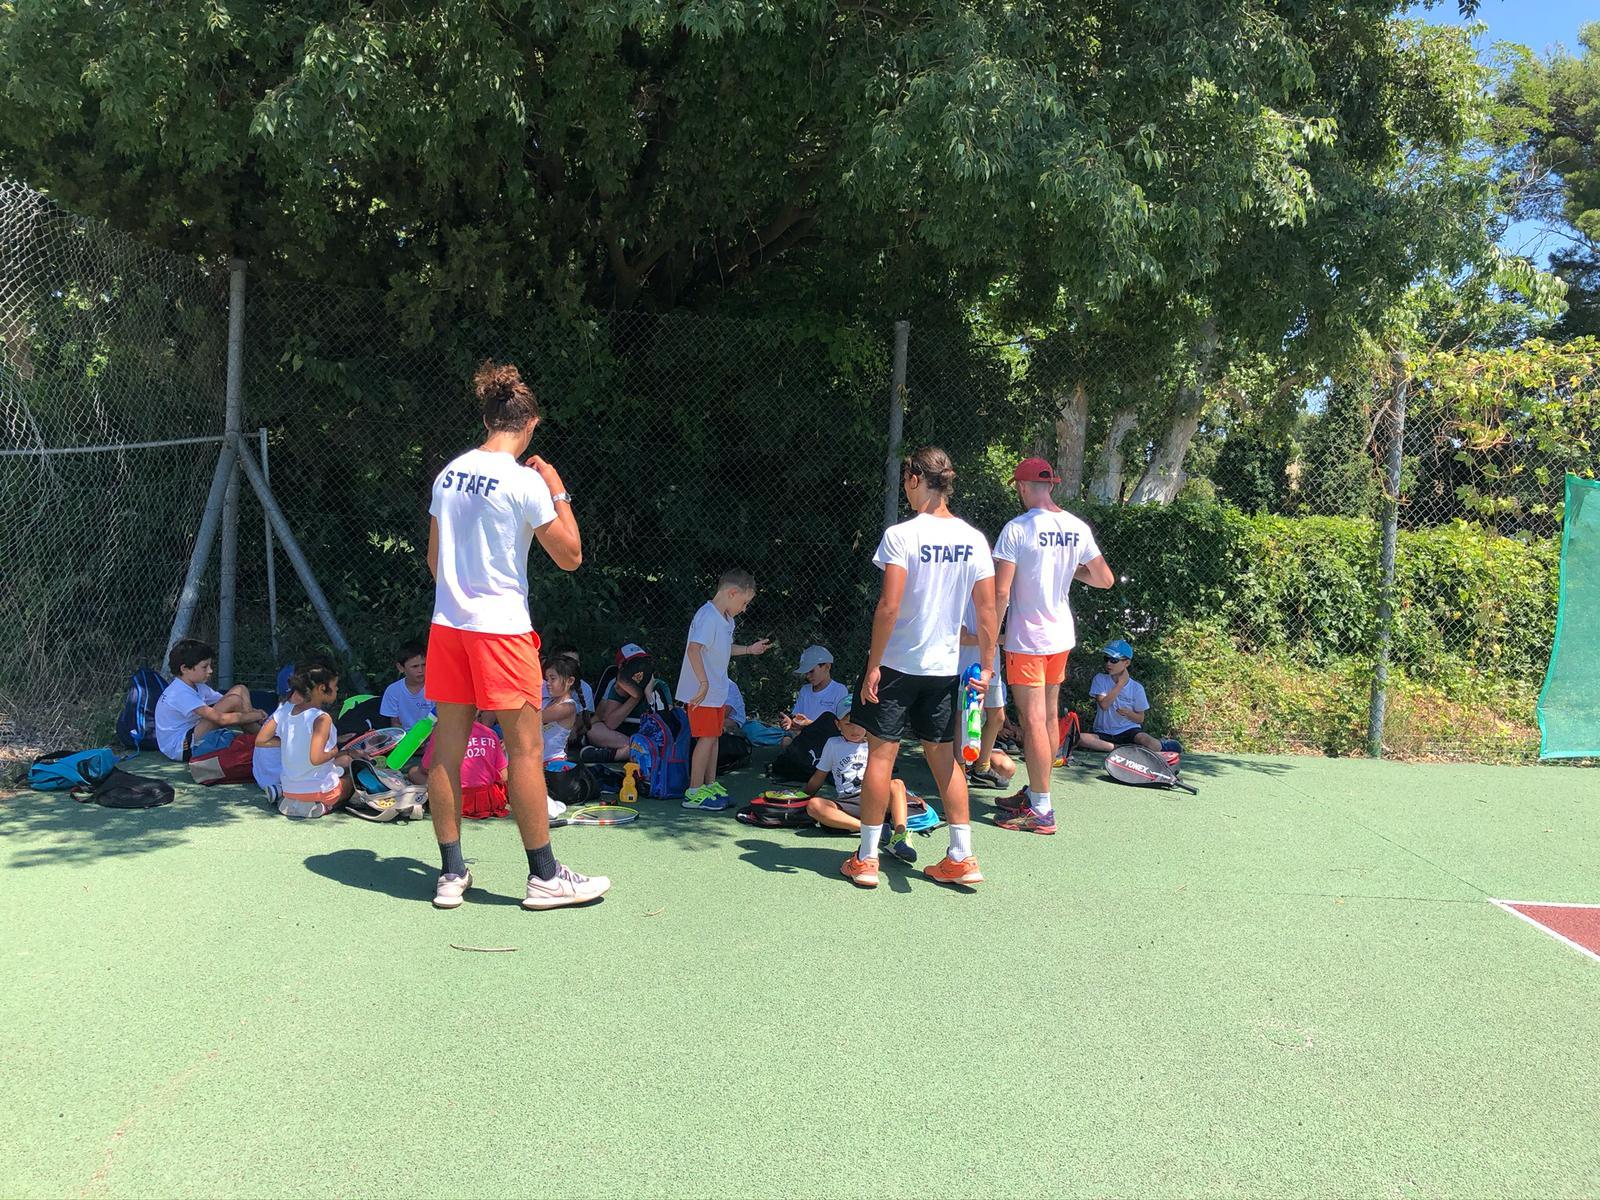 ecole de tennis du park - les accates - olivier launo 15